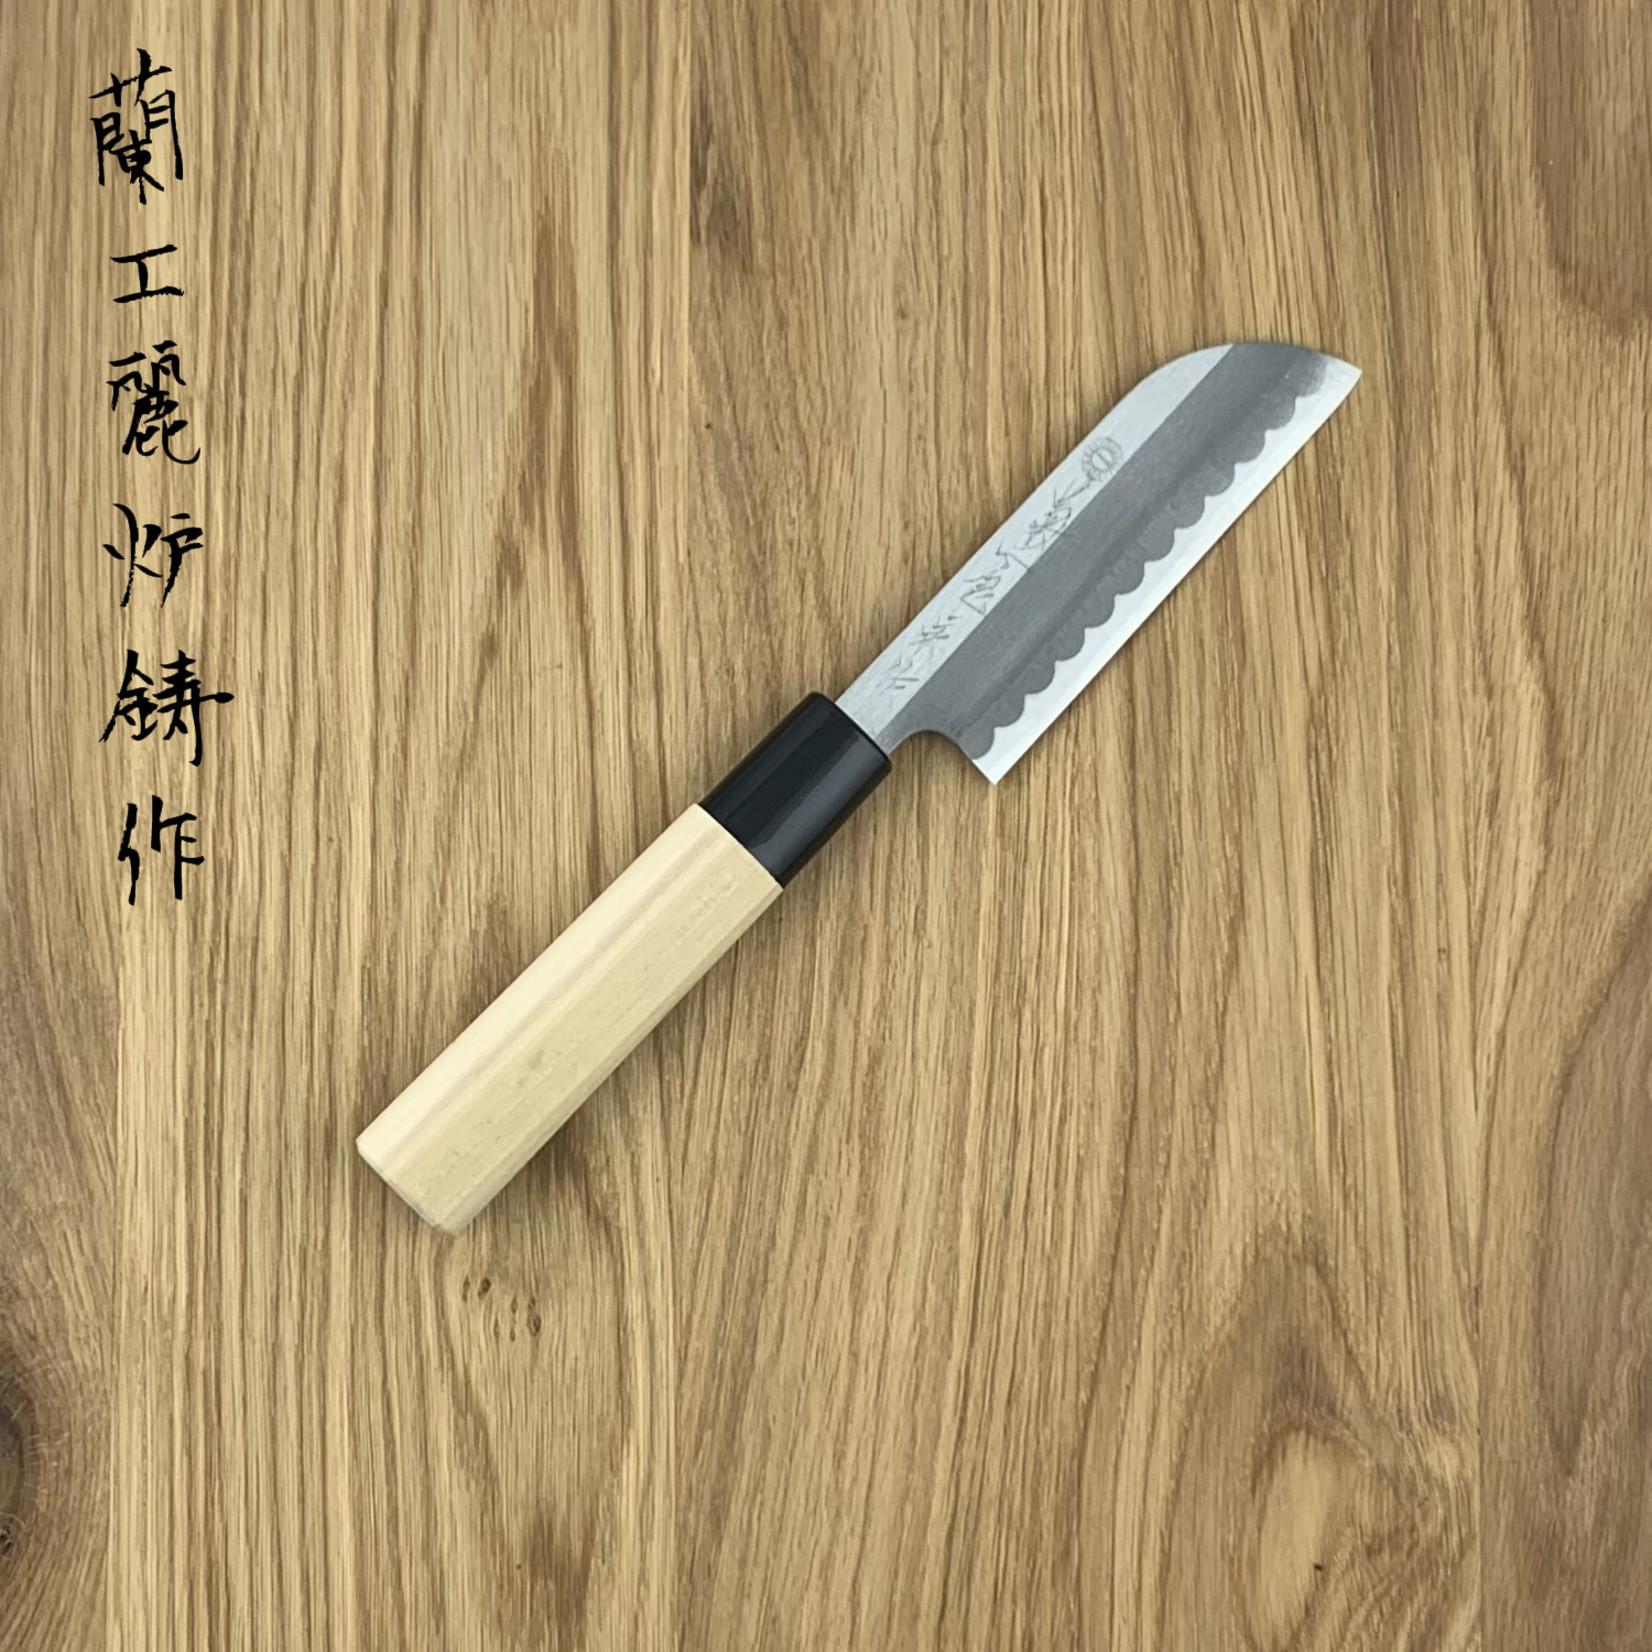 KIKUICHI Tatsutogi Kawamuki